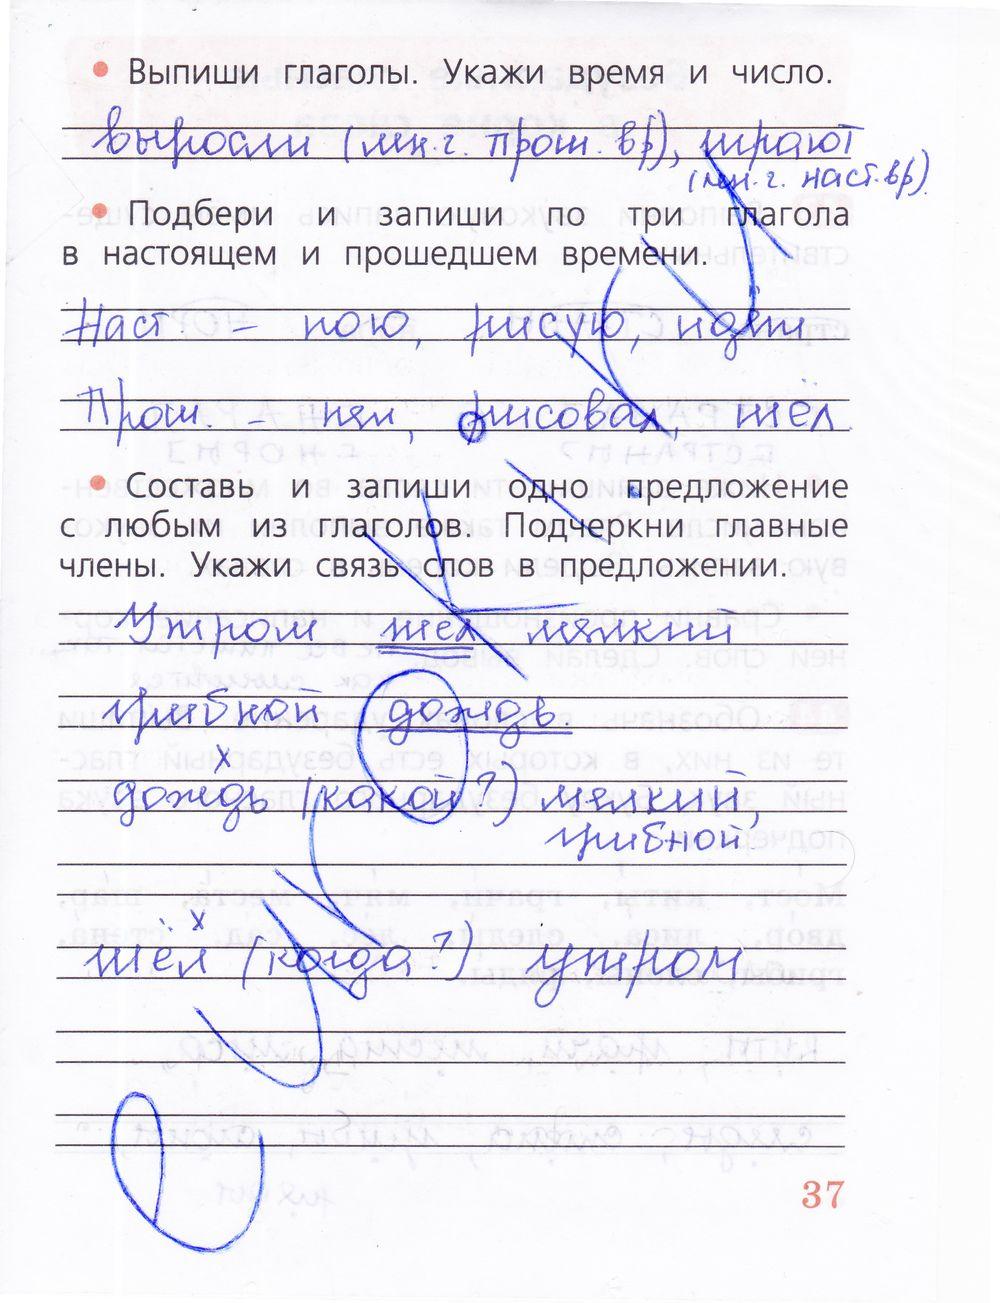 19 порагров учебника географии за 7 класс домогацких и алексеевский